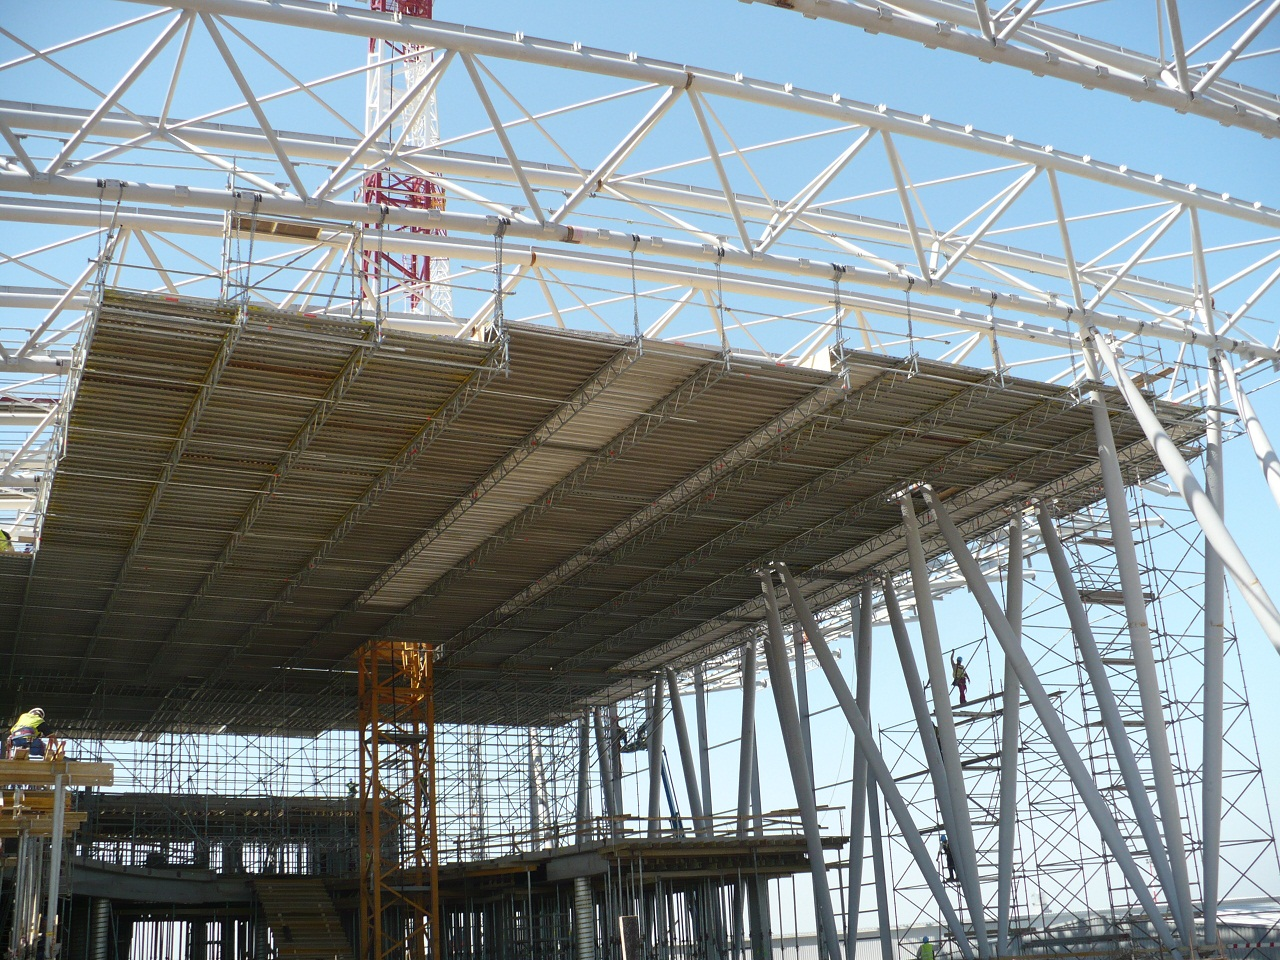 Sky Court – Illusztris épülettel bővült a Ferihegyi Repülőtér